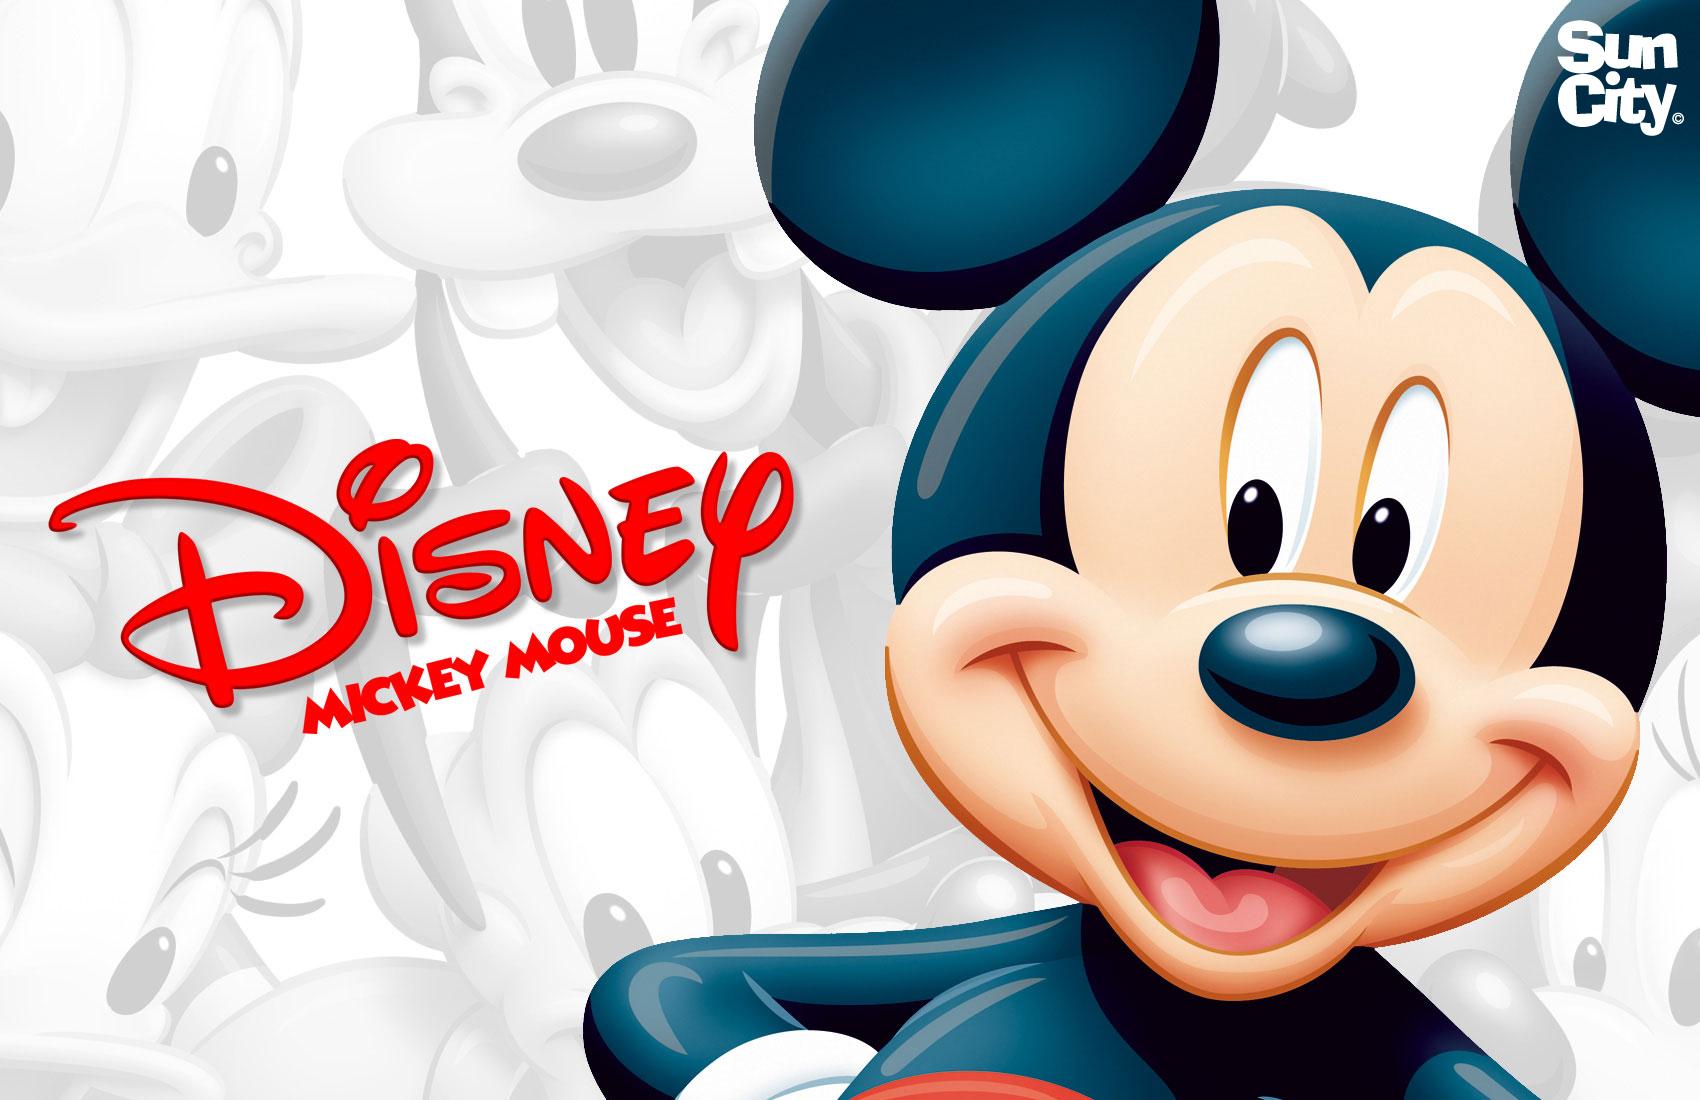 Coleções de Roupa e Acessórios do Mickey | Sun City Ibérica